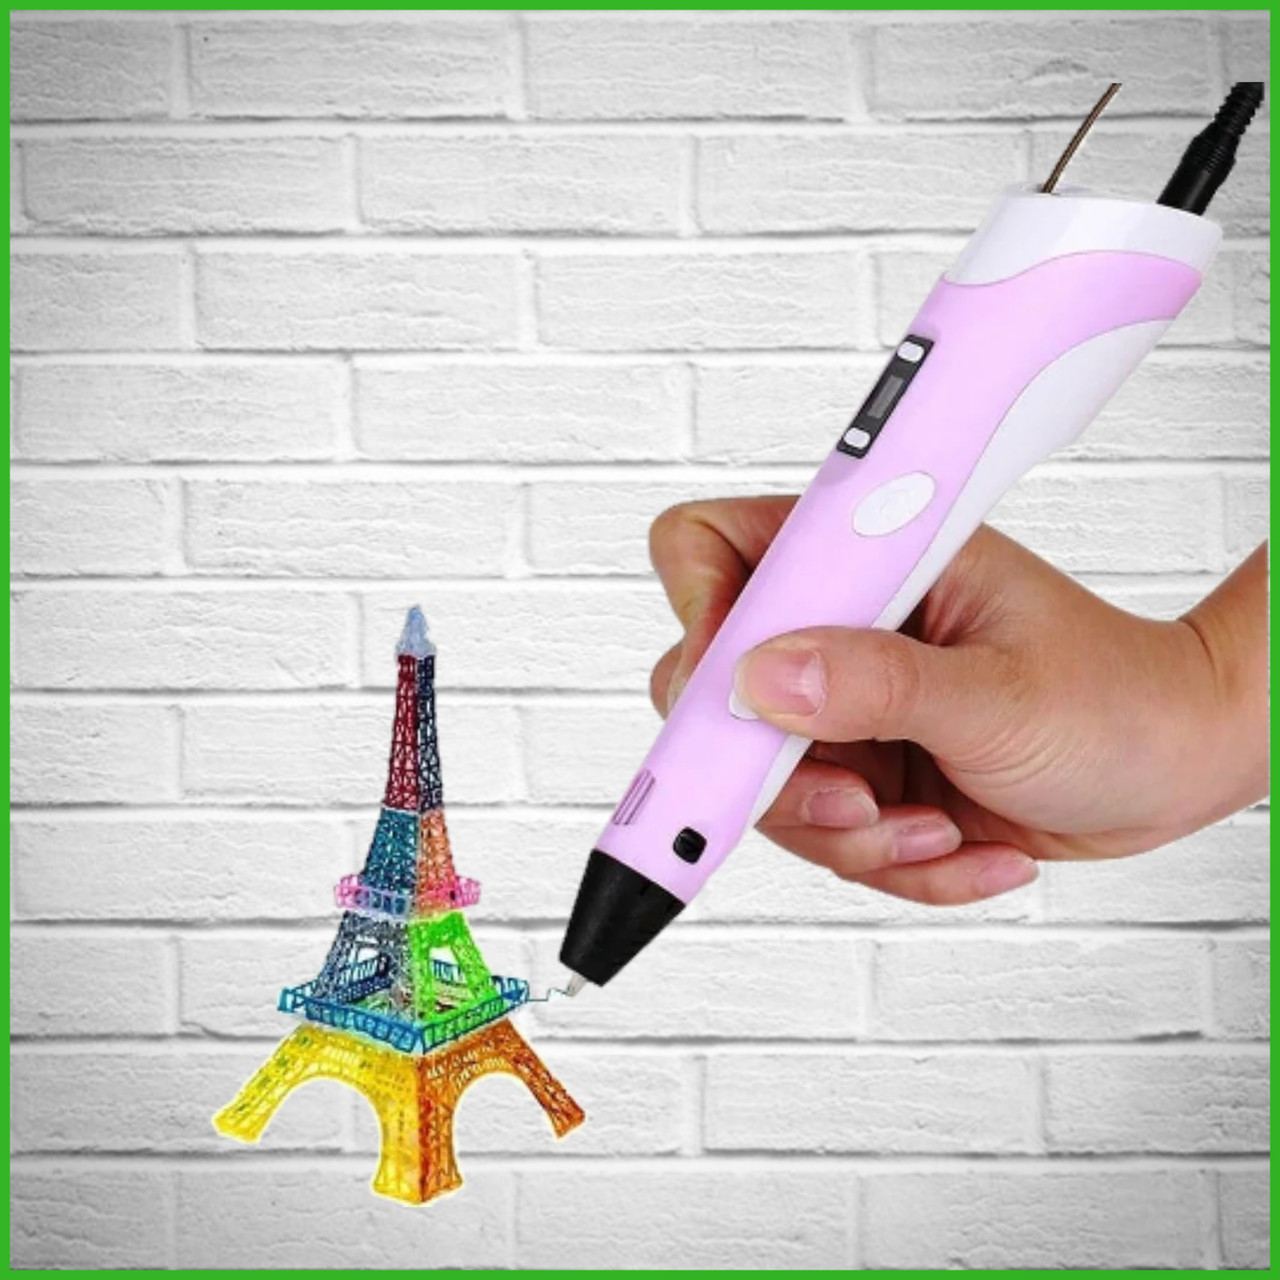 3D Ручка PEN-2 с LCD-дисплеем + Пластик! Крутая ручка для рисования! РОЗОВАЯ